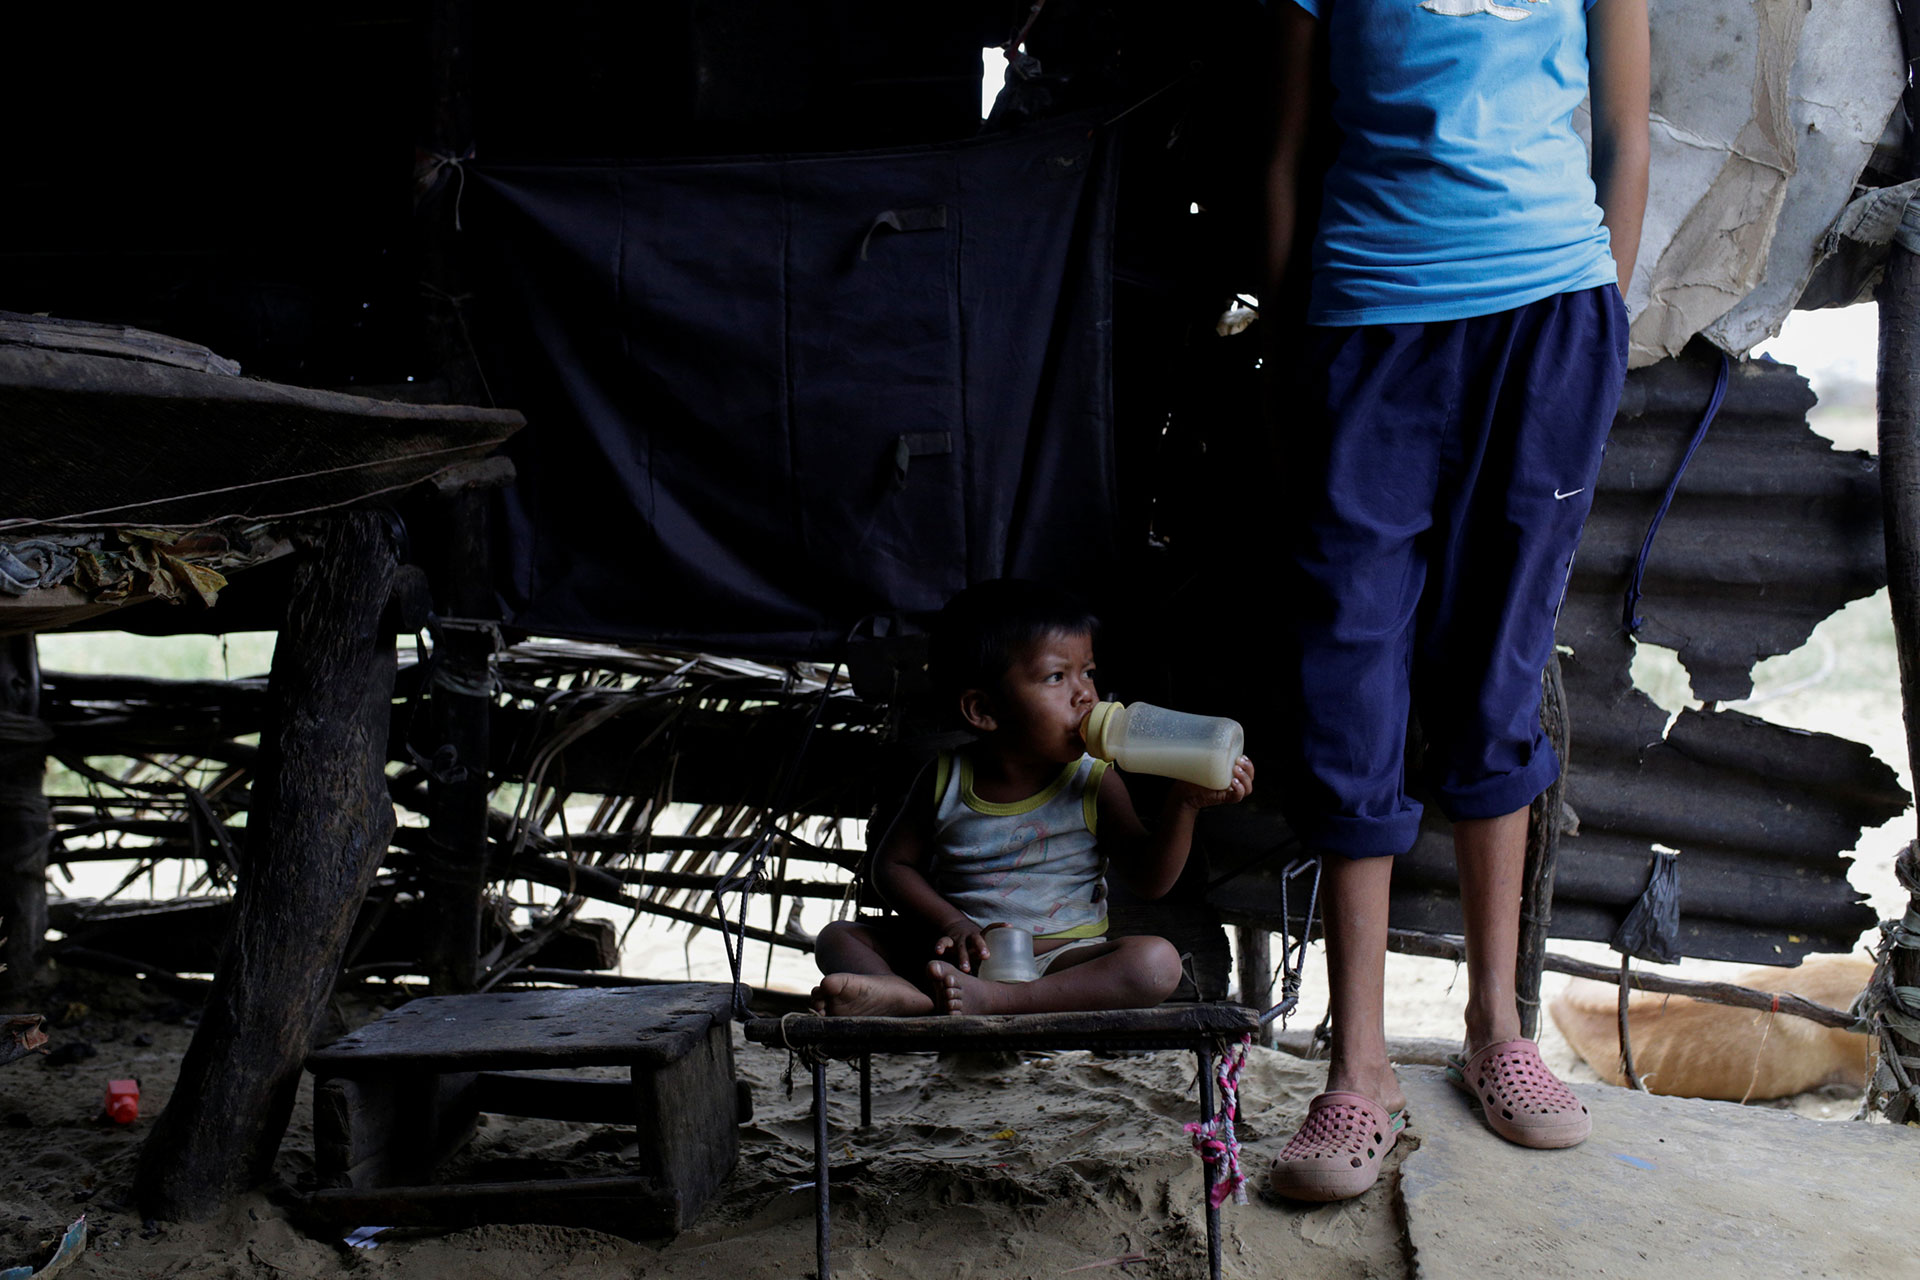 El Gobierno anunció recientemente que varias toneladas de alimentos llegaron a sus puertos para paliar el desabastecimiento. Pero el arribo pareciera insuficiente en un país con poca variedad de productos y la inflación más alta del continente (Reuters)